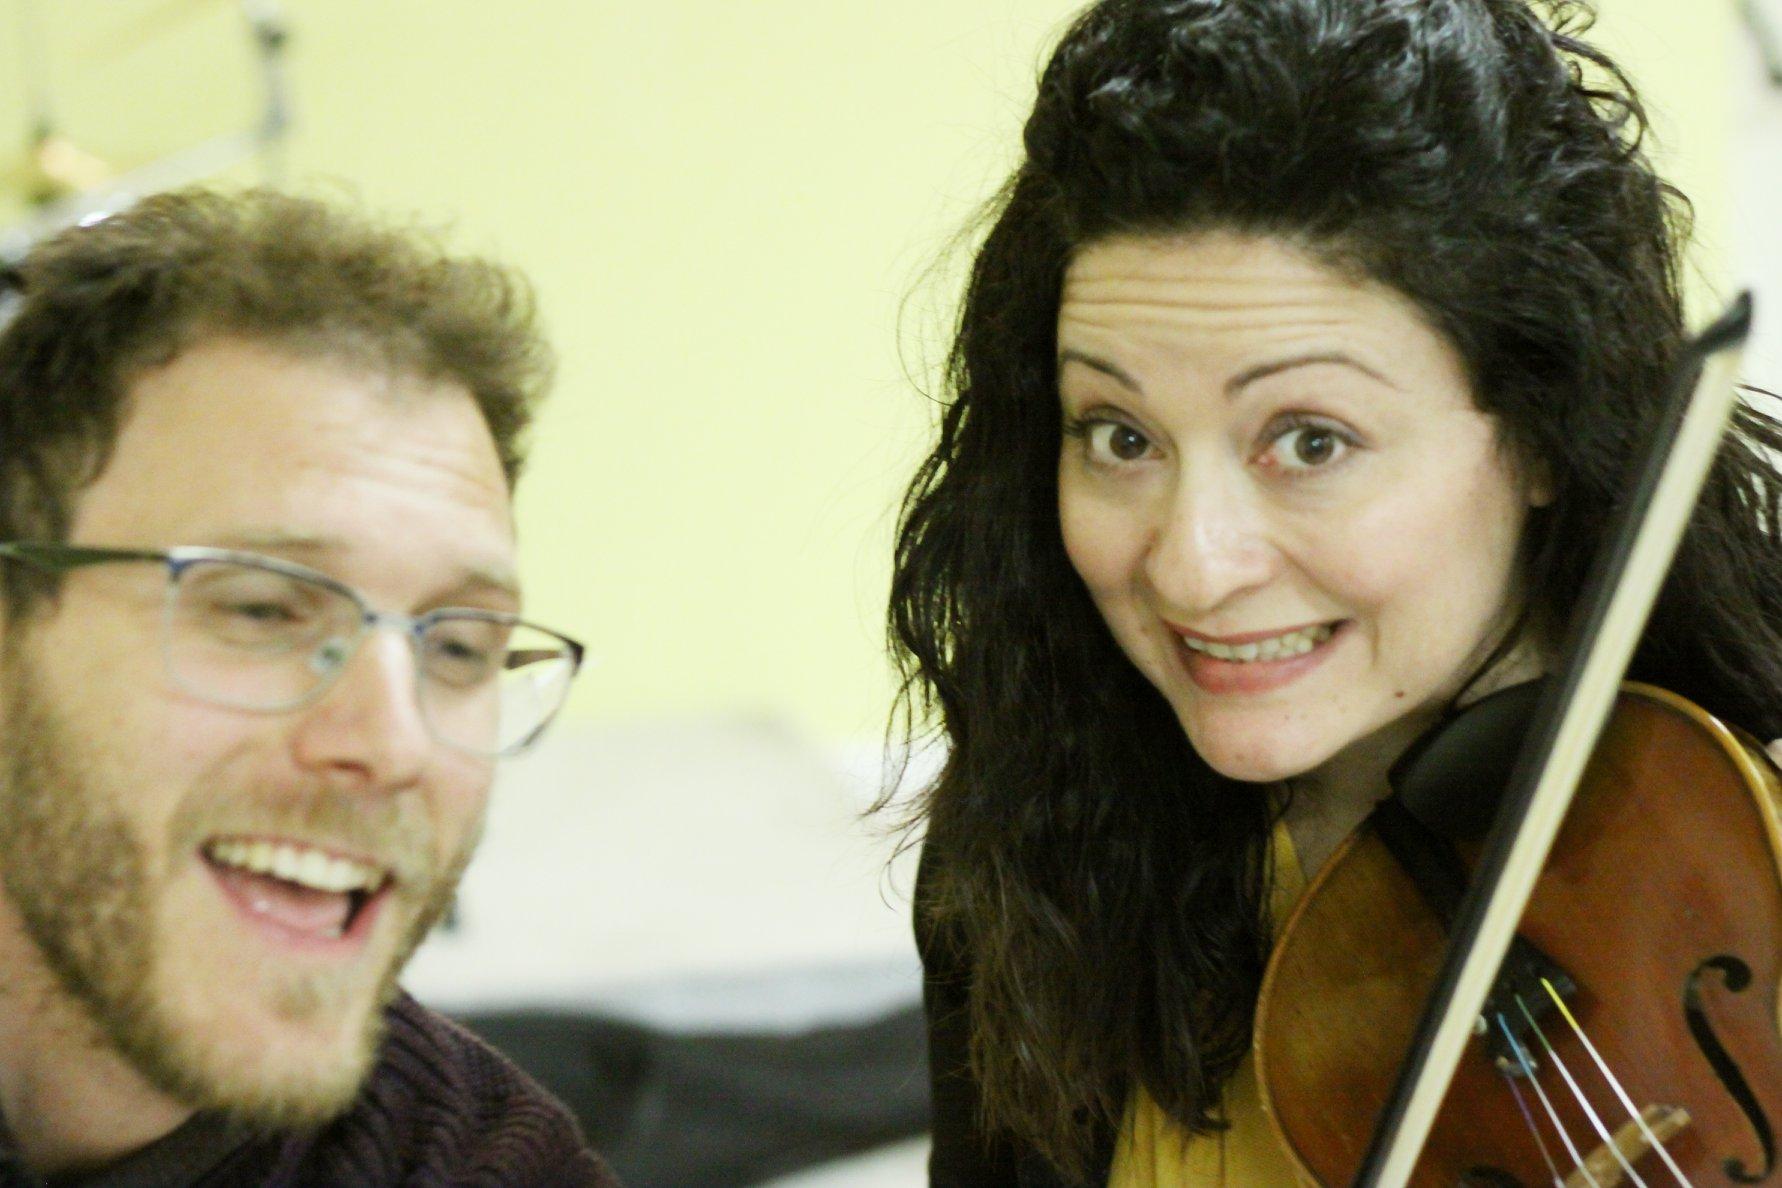 Scuola di Musica Roma   Il divertimento nell'orchestra aperta a tutti all'Istituto musicale Corelli